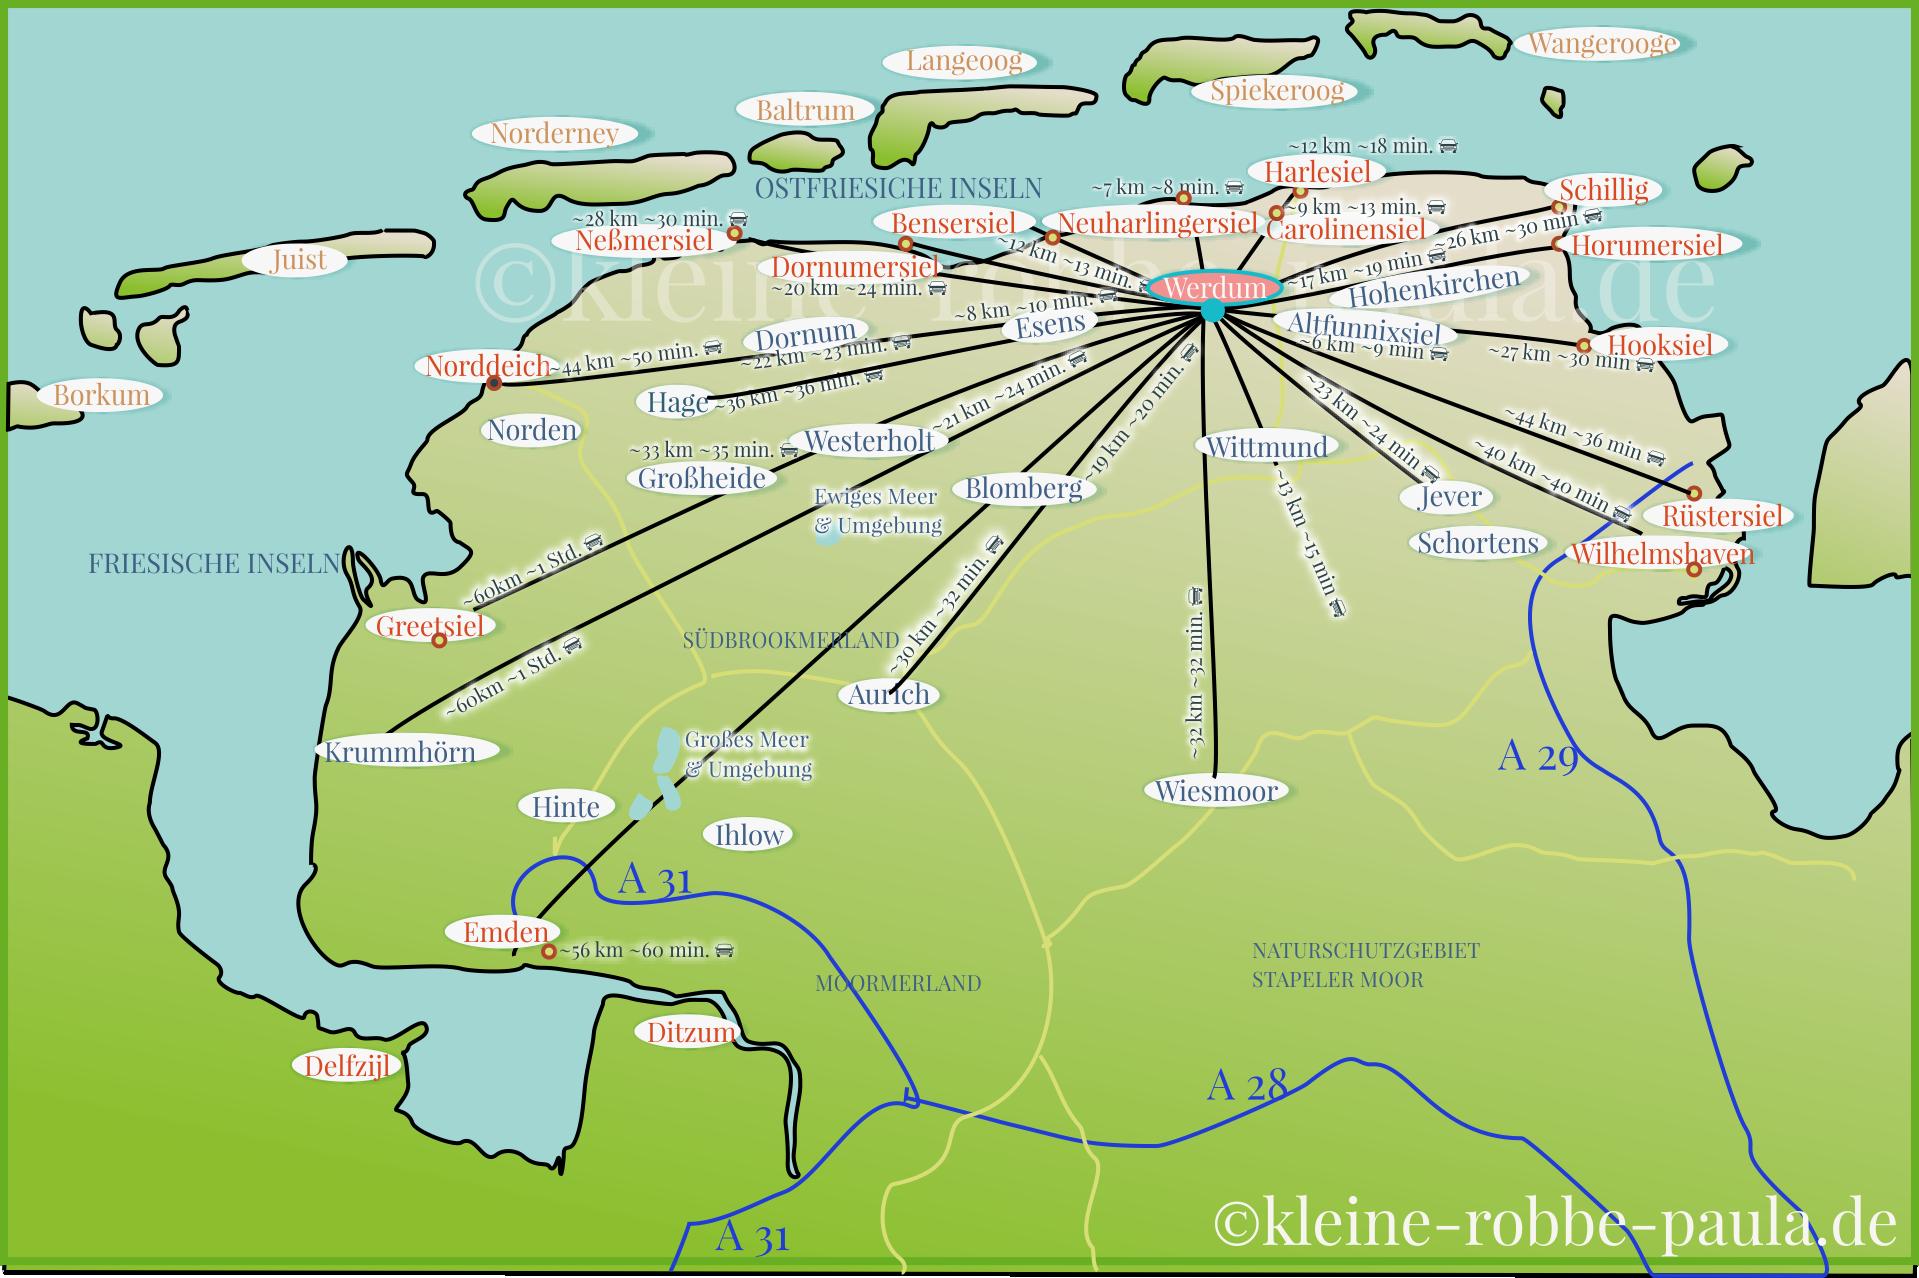 xxl-karte-ostfriesland-entfernungen-km-werdum